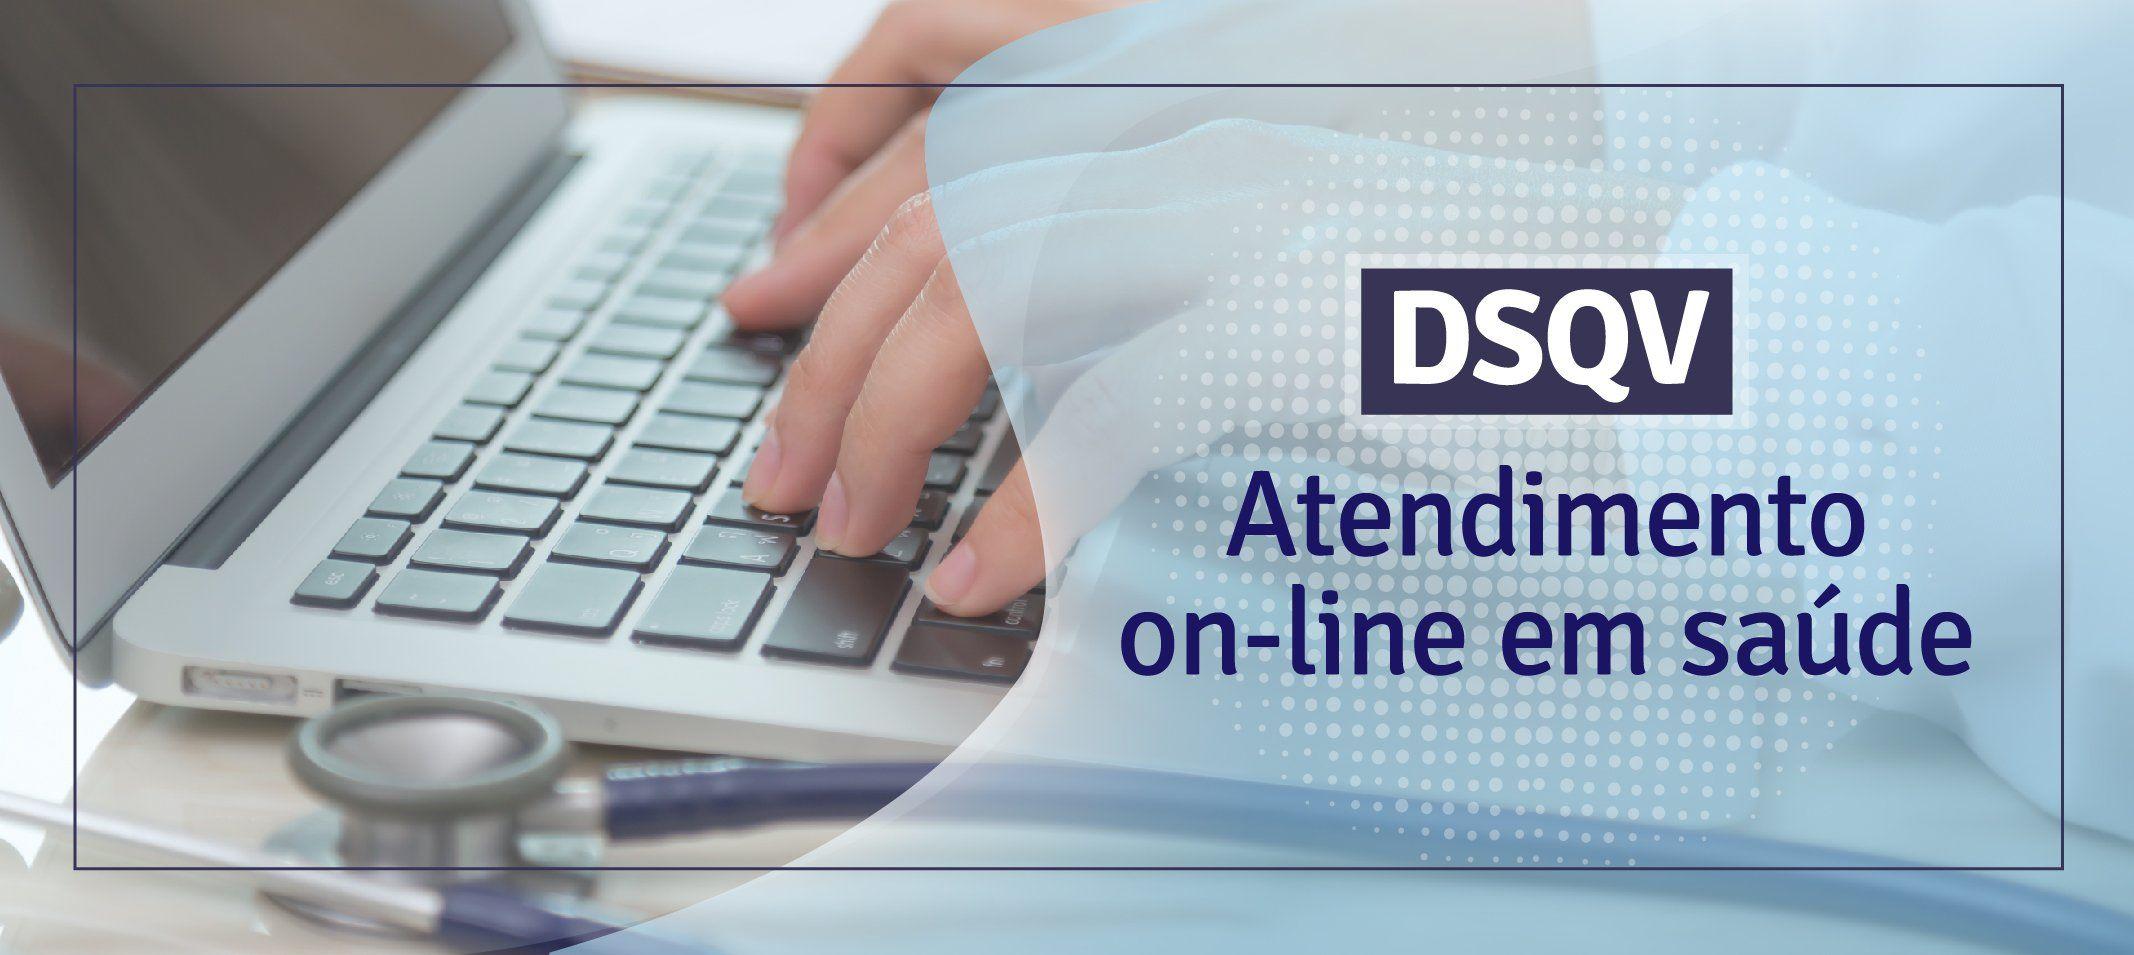 DSQV oferta atendimento remoto para servidores, estudantes e terceirizados